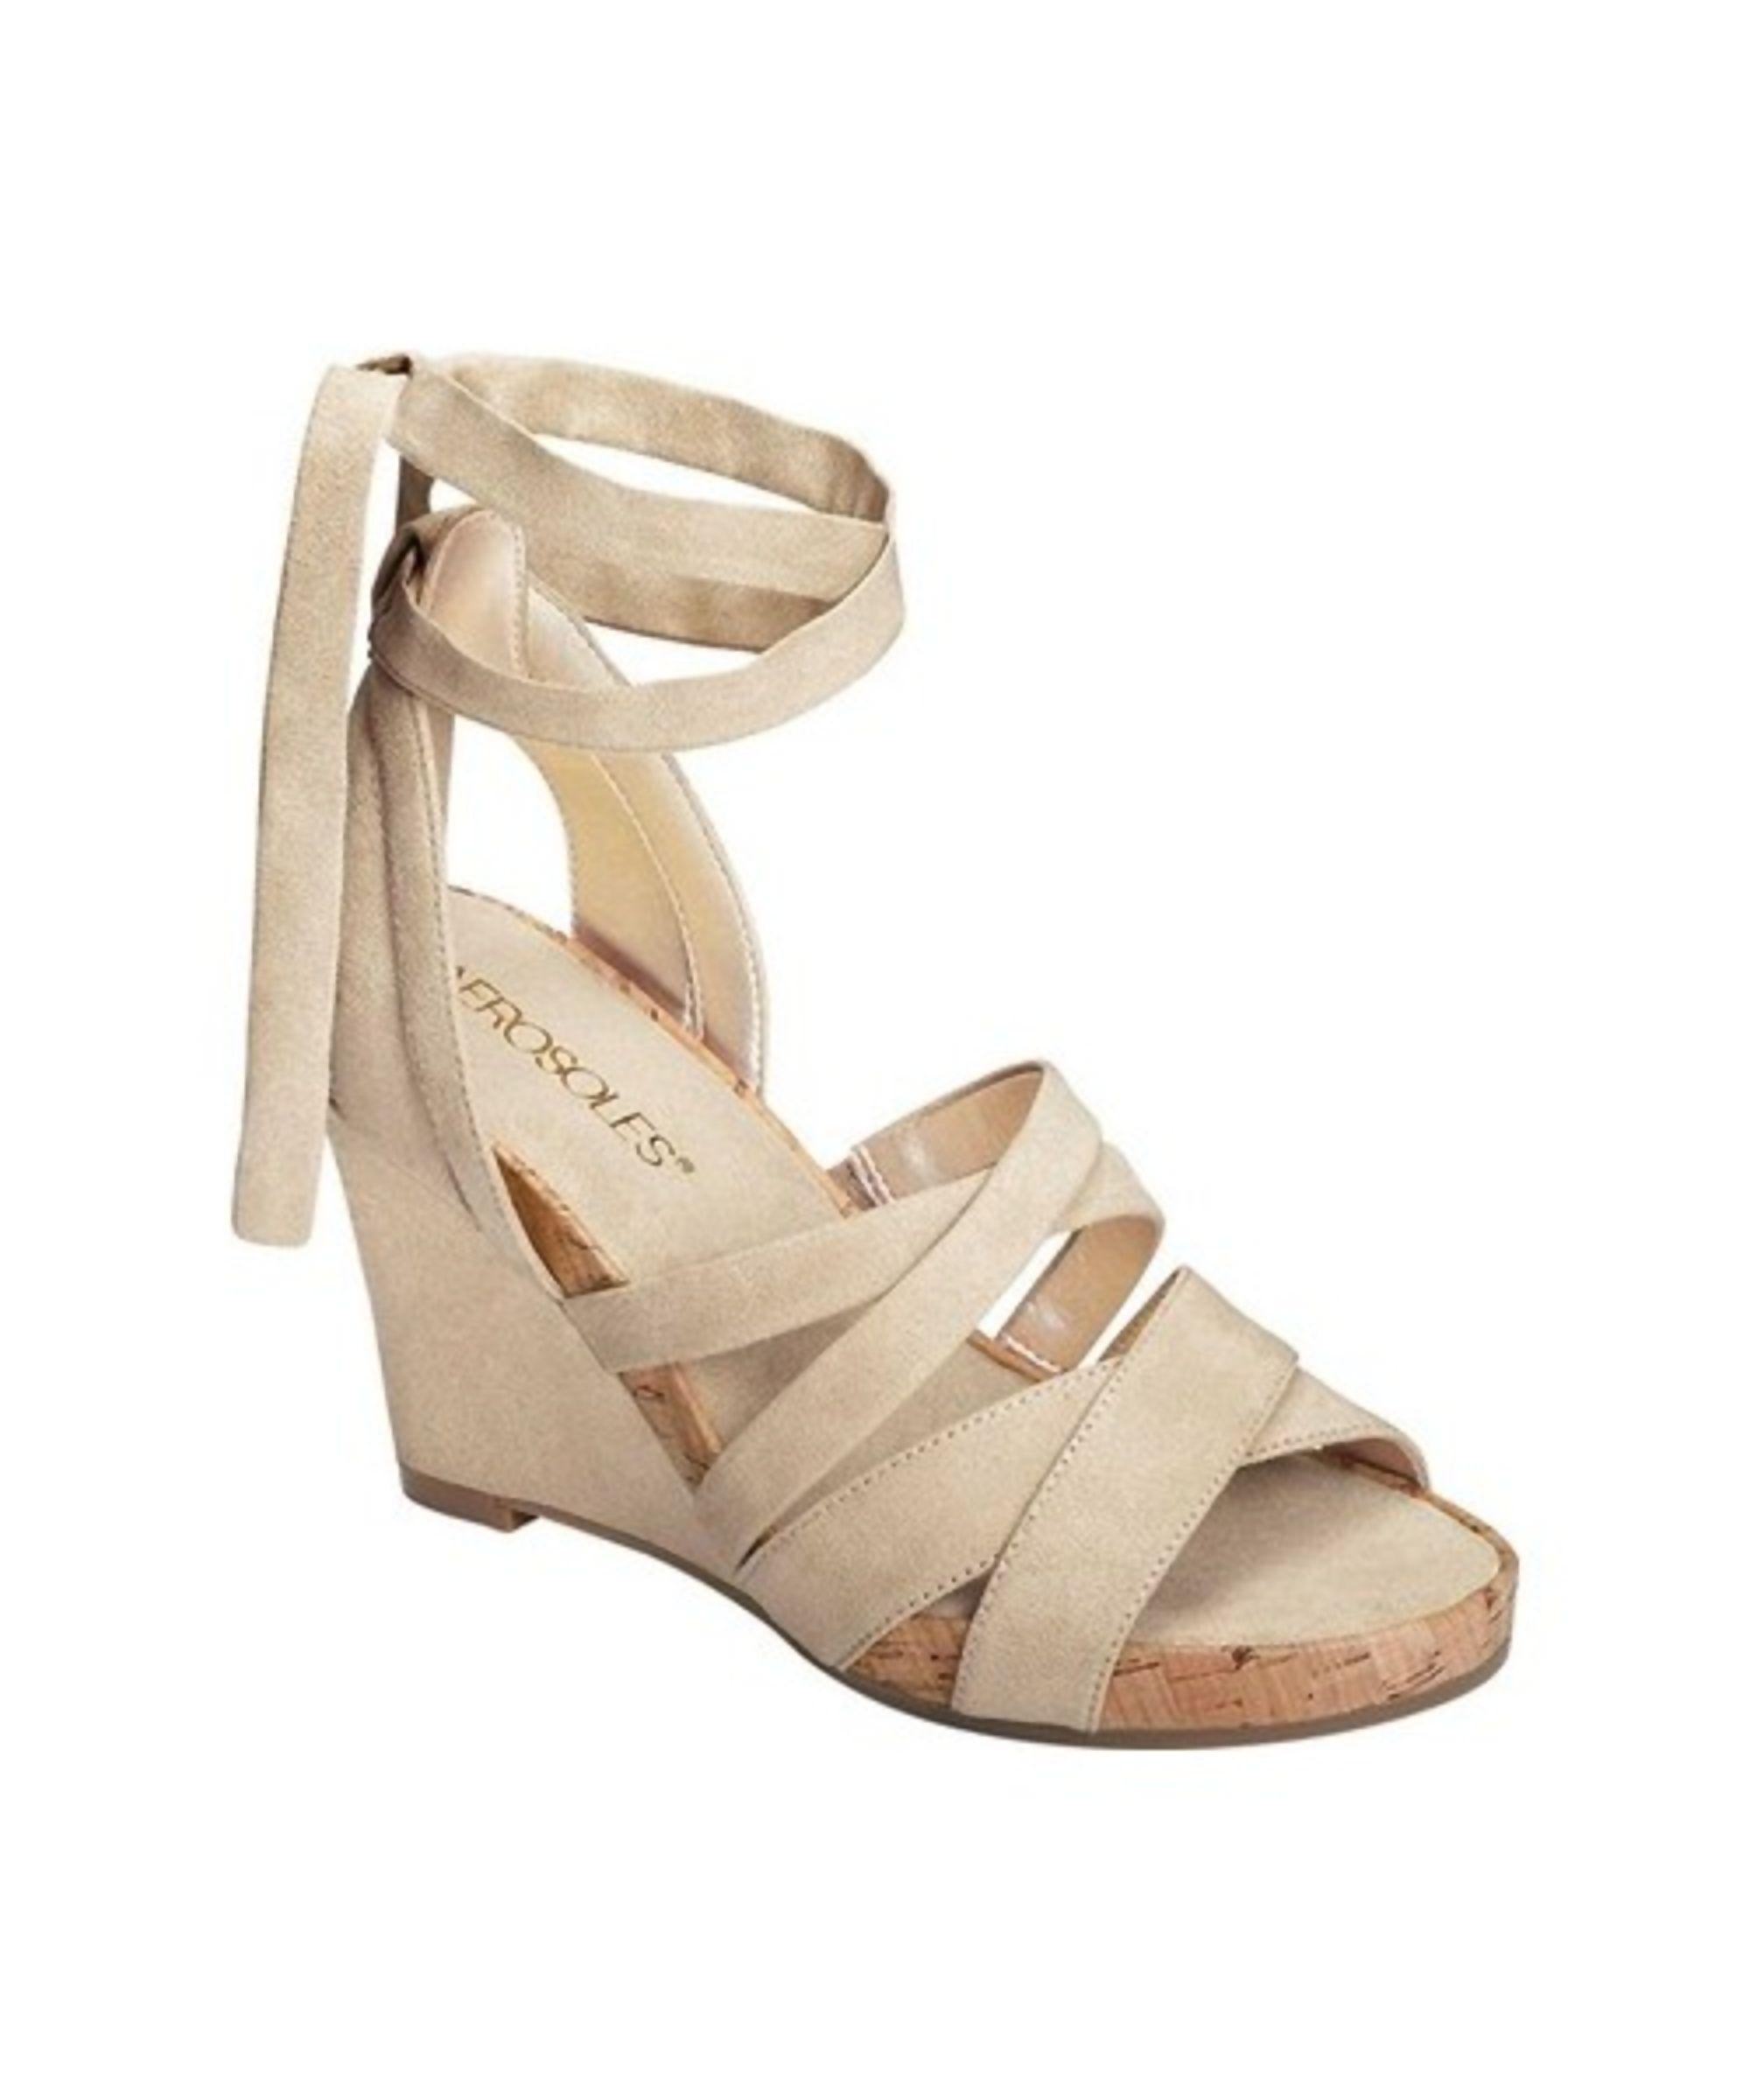 bb41af11ec AEROSOLES | Aerosoles Women's Lilac Plush Ankle Tie Sandal #Shoes #Sandals # AEROSOLES